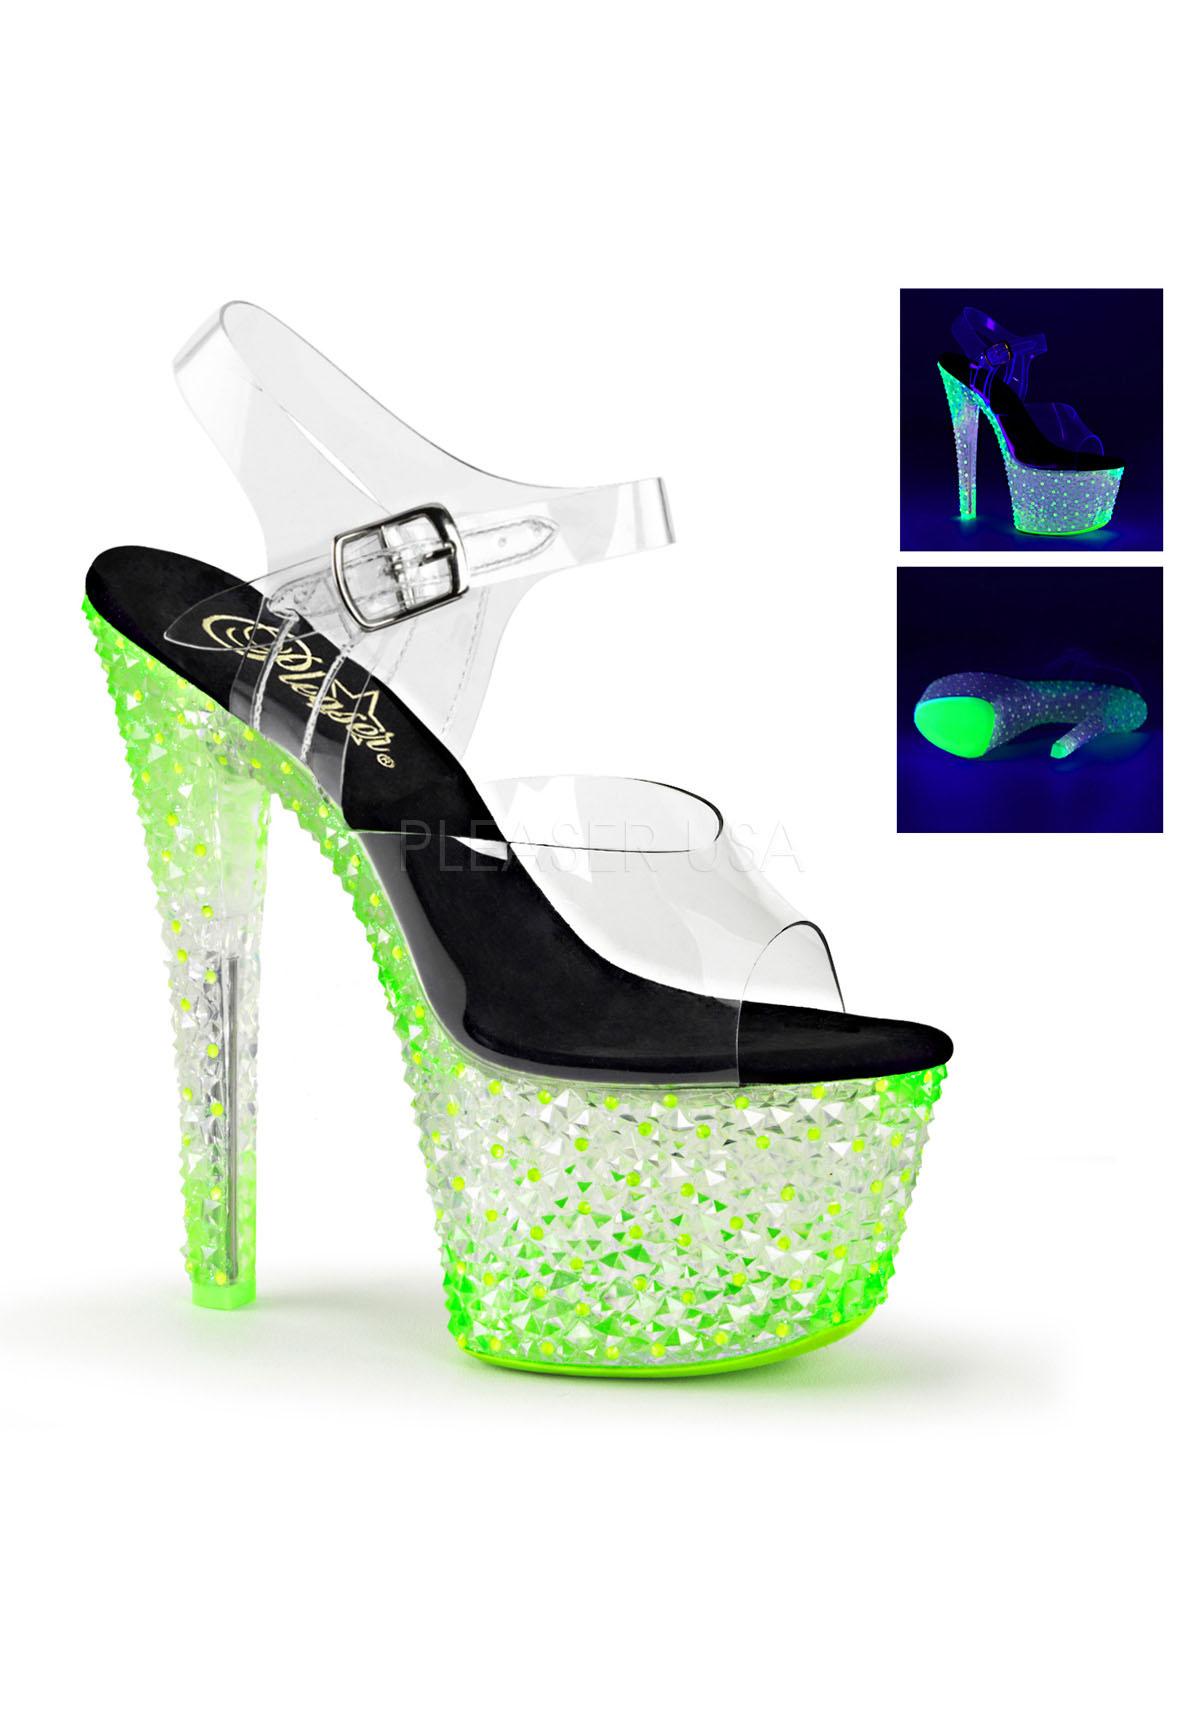 Pleaser CRYSTALIZE-308PS 7'' Heel, Platform Ankle Strap Sandale, Neon UV Reactive